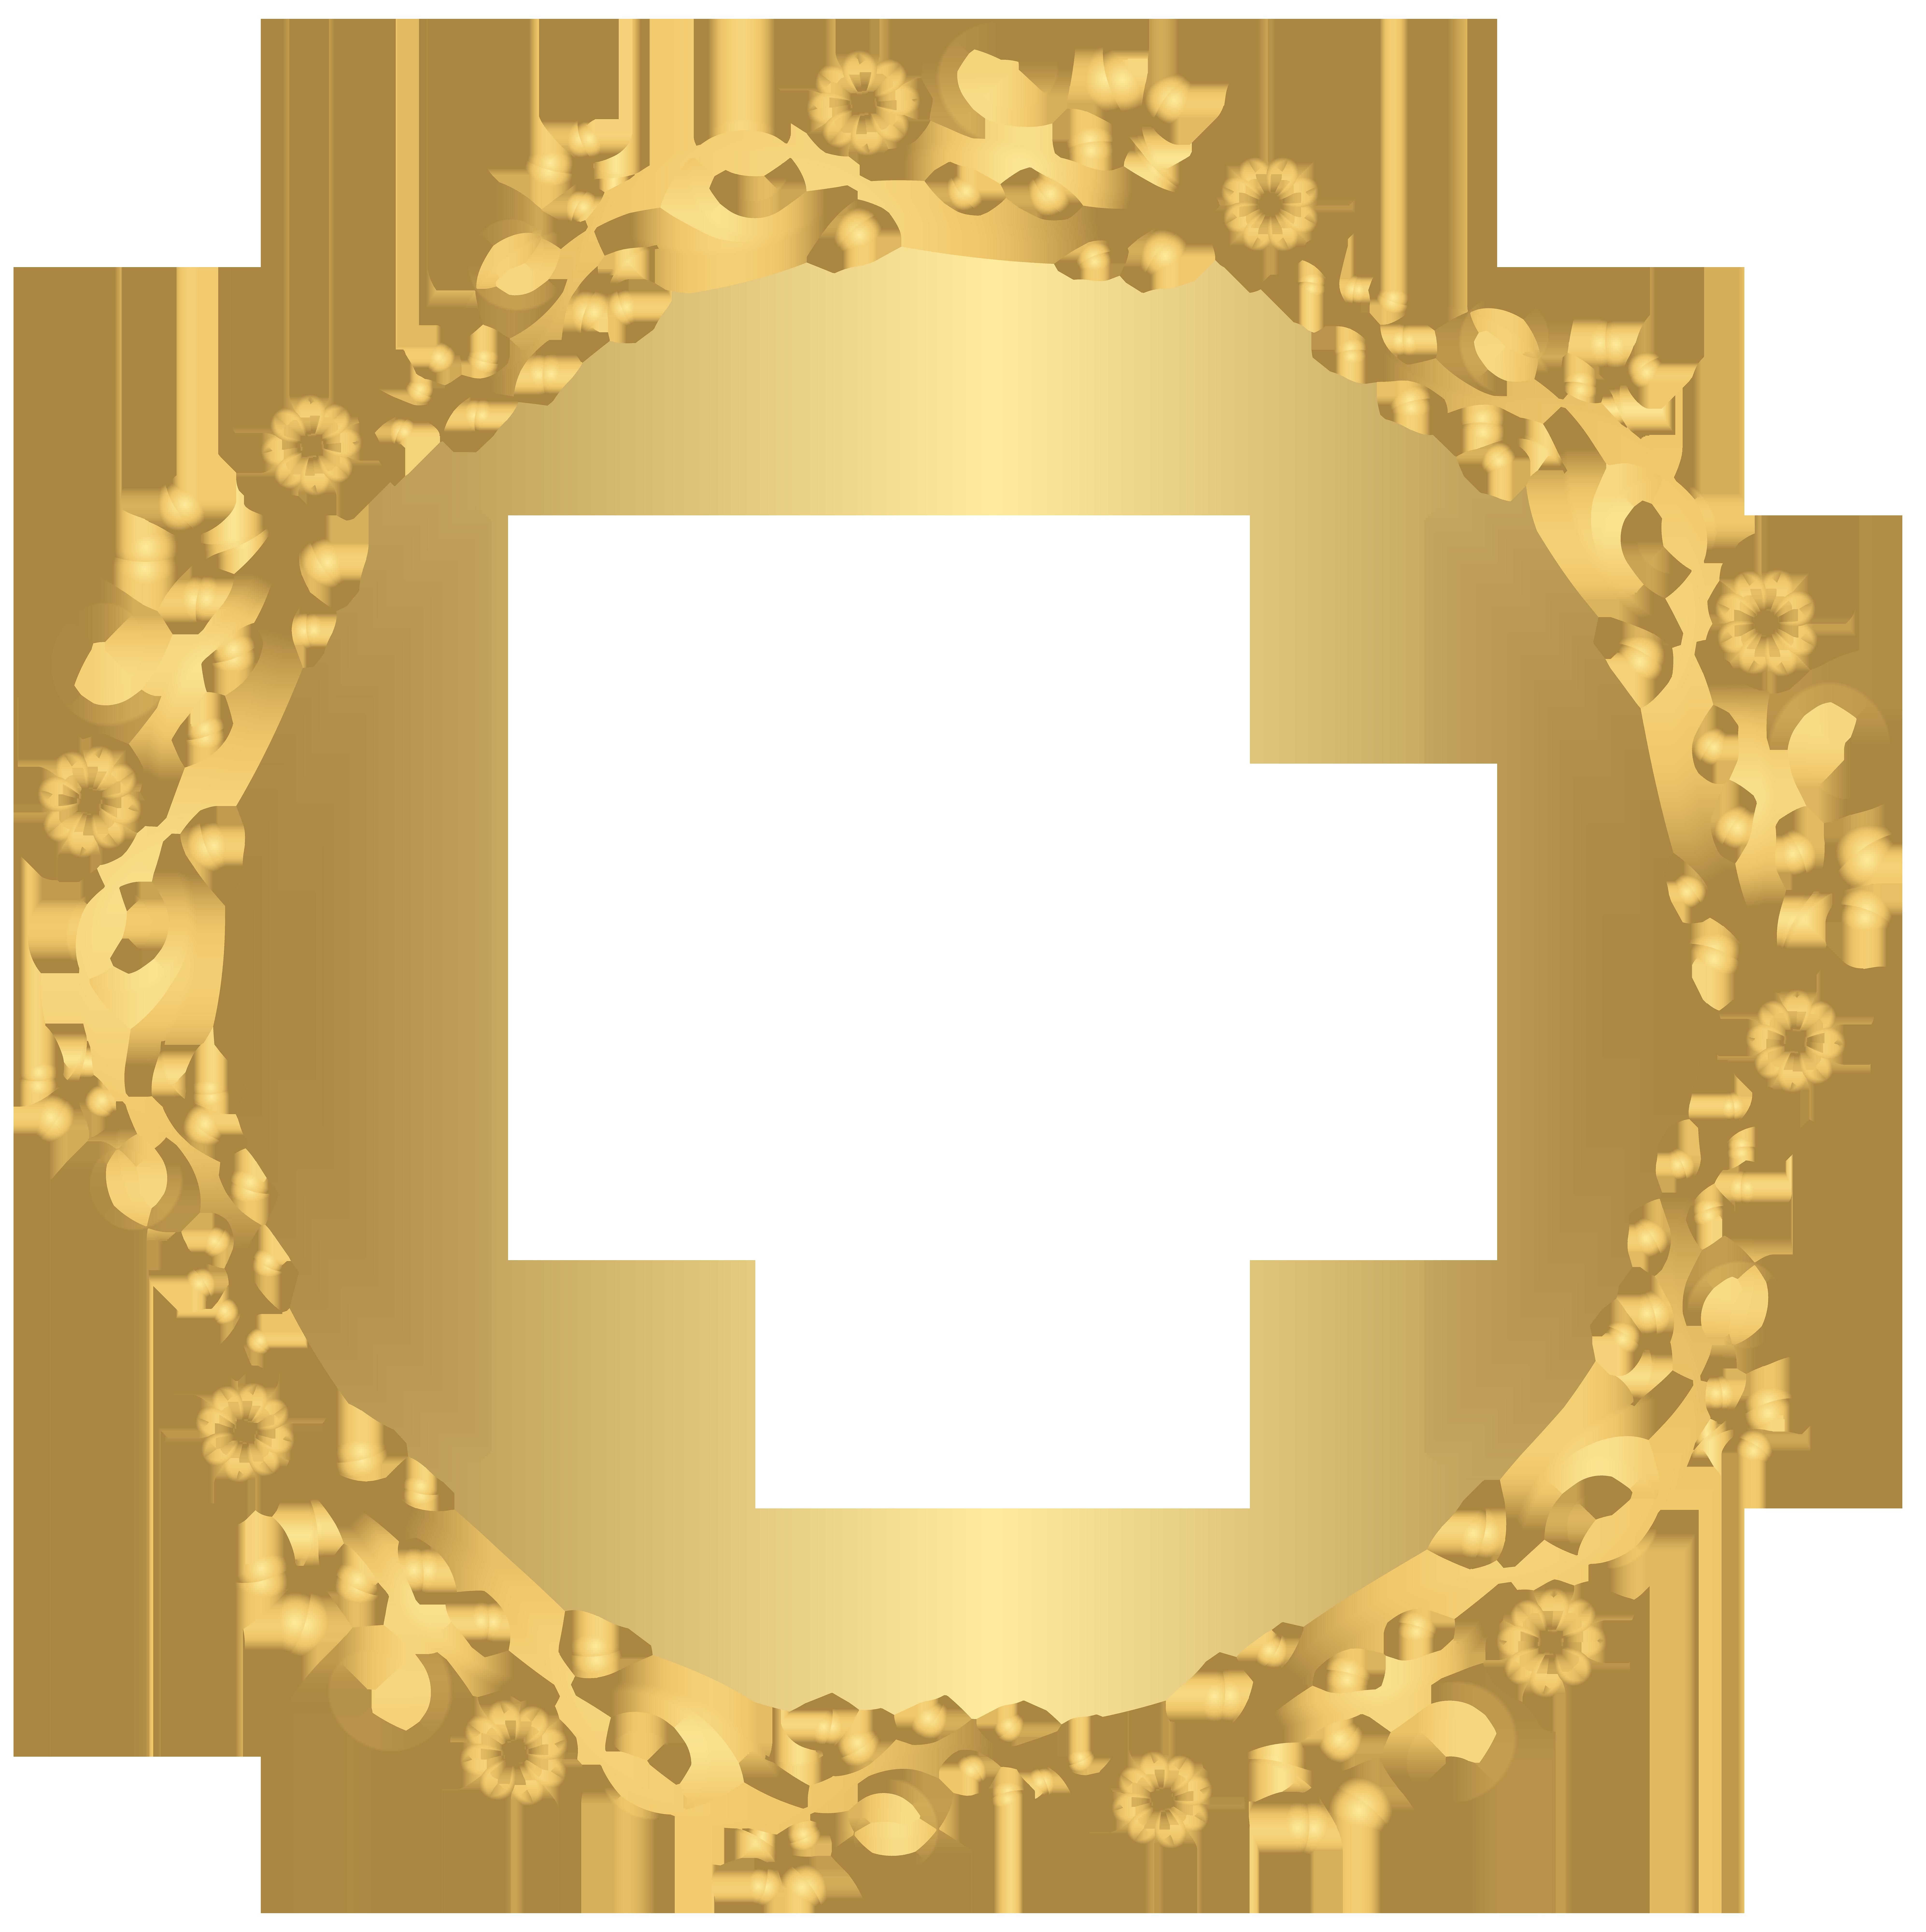 Gold round border transparent. Floral frame png